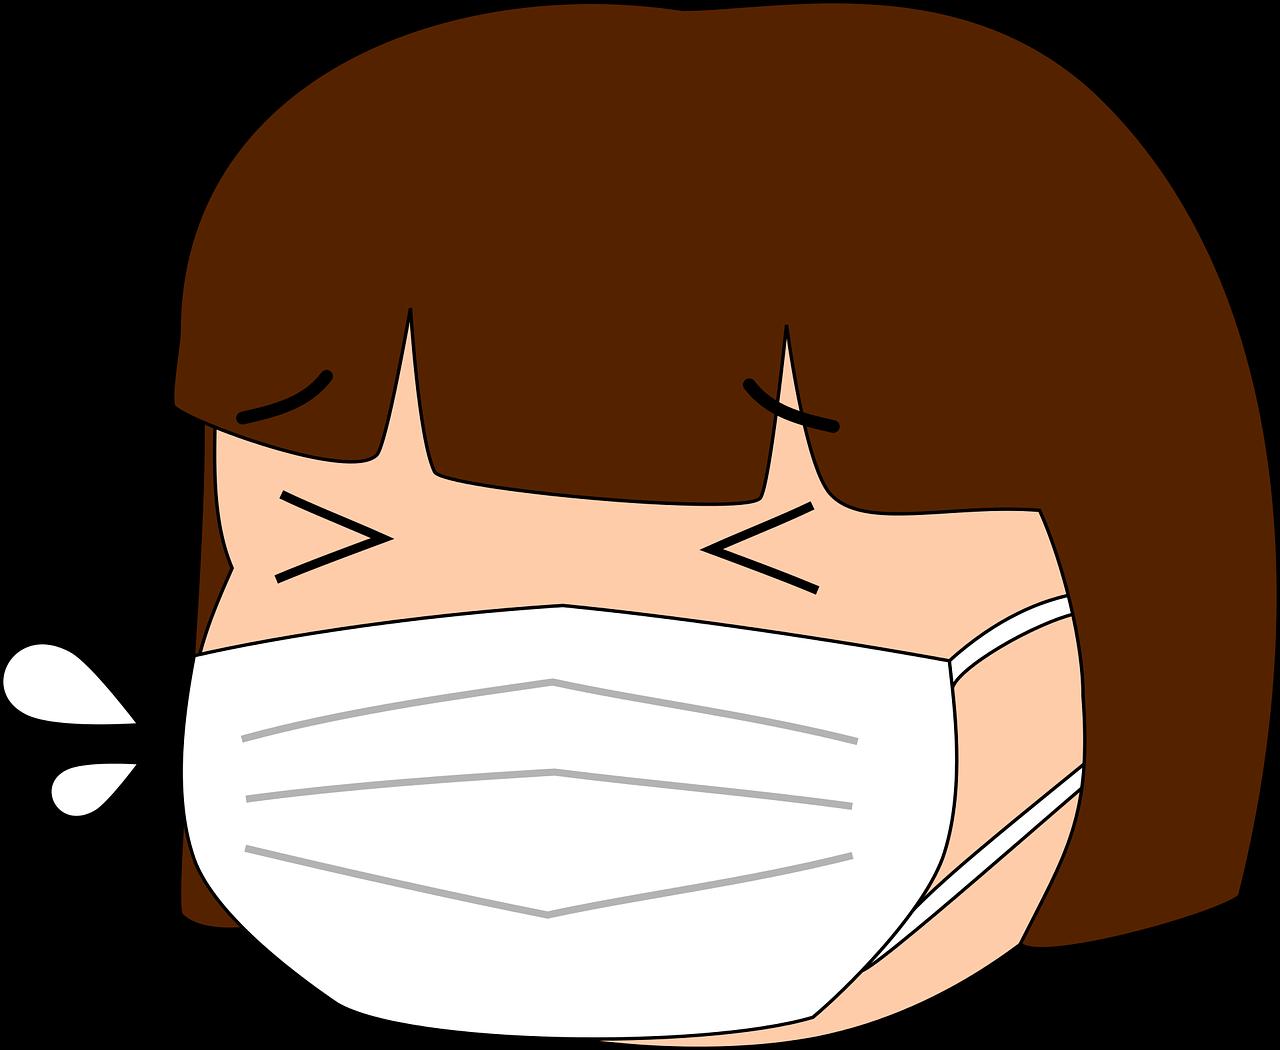 喘息の原因を知ろう【治療・体質改善法についても解説】